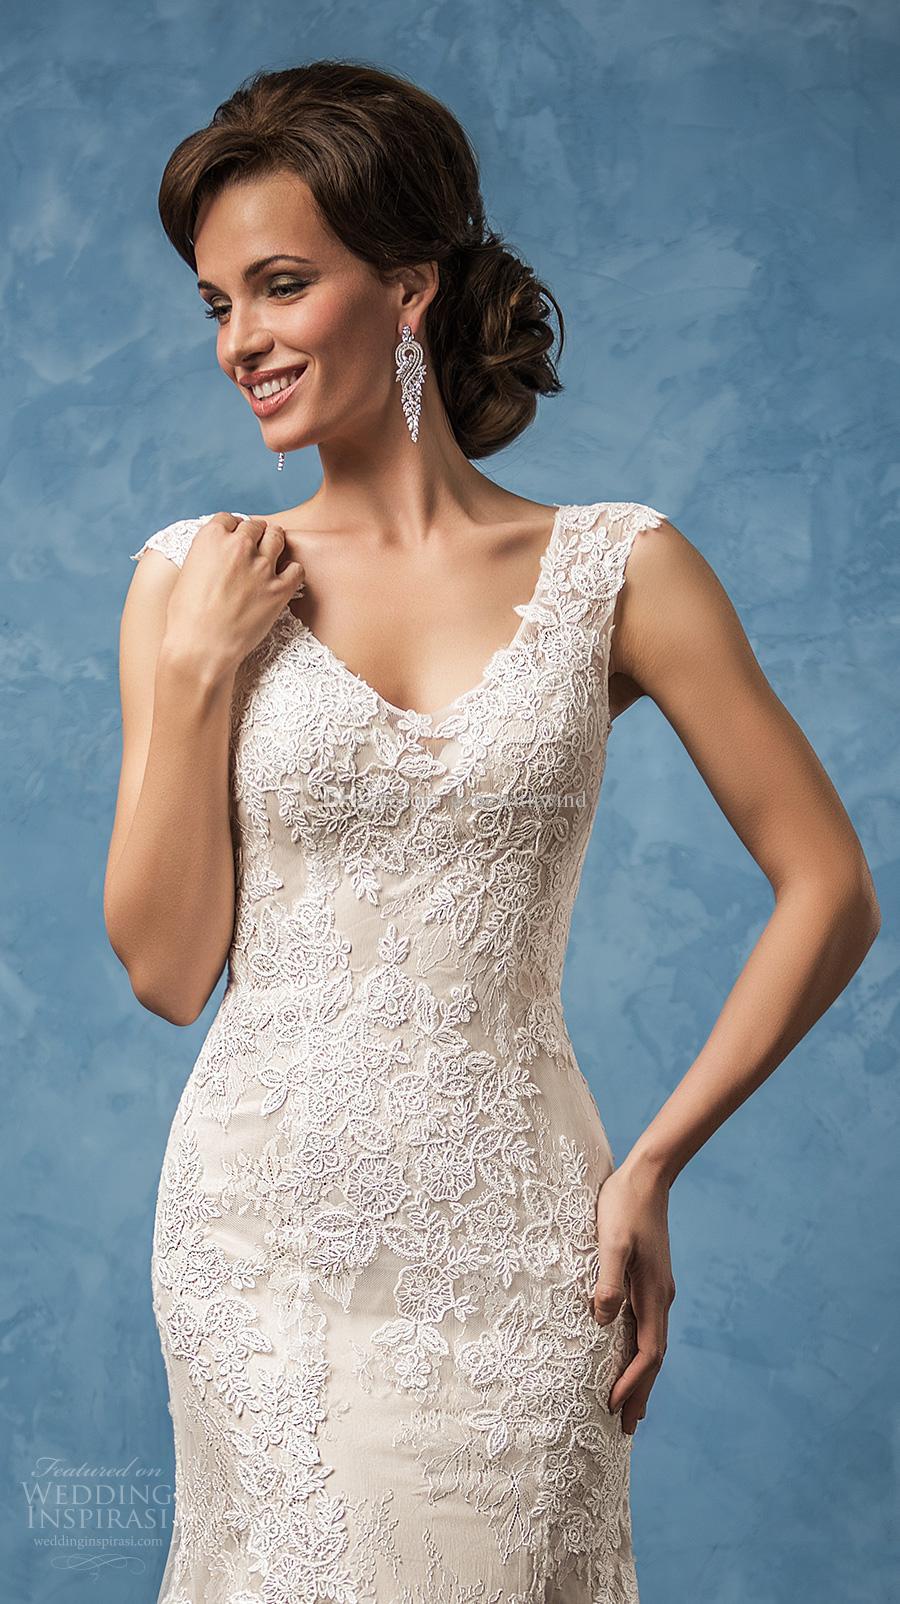 Mermaid Wedding Dresses 2017 Amelia Sposa Bridal Gowns Cap Sleeves ...